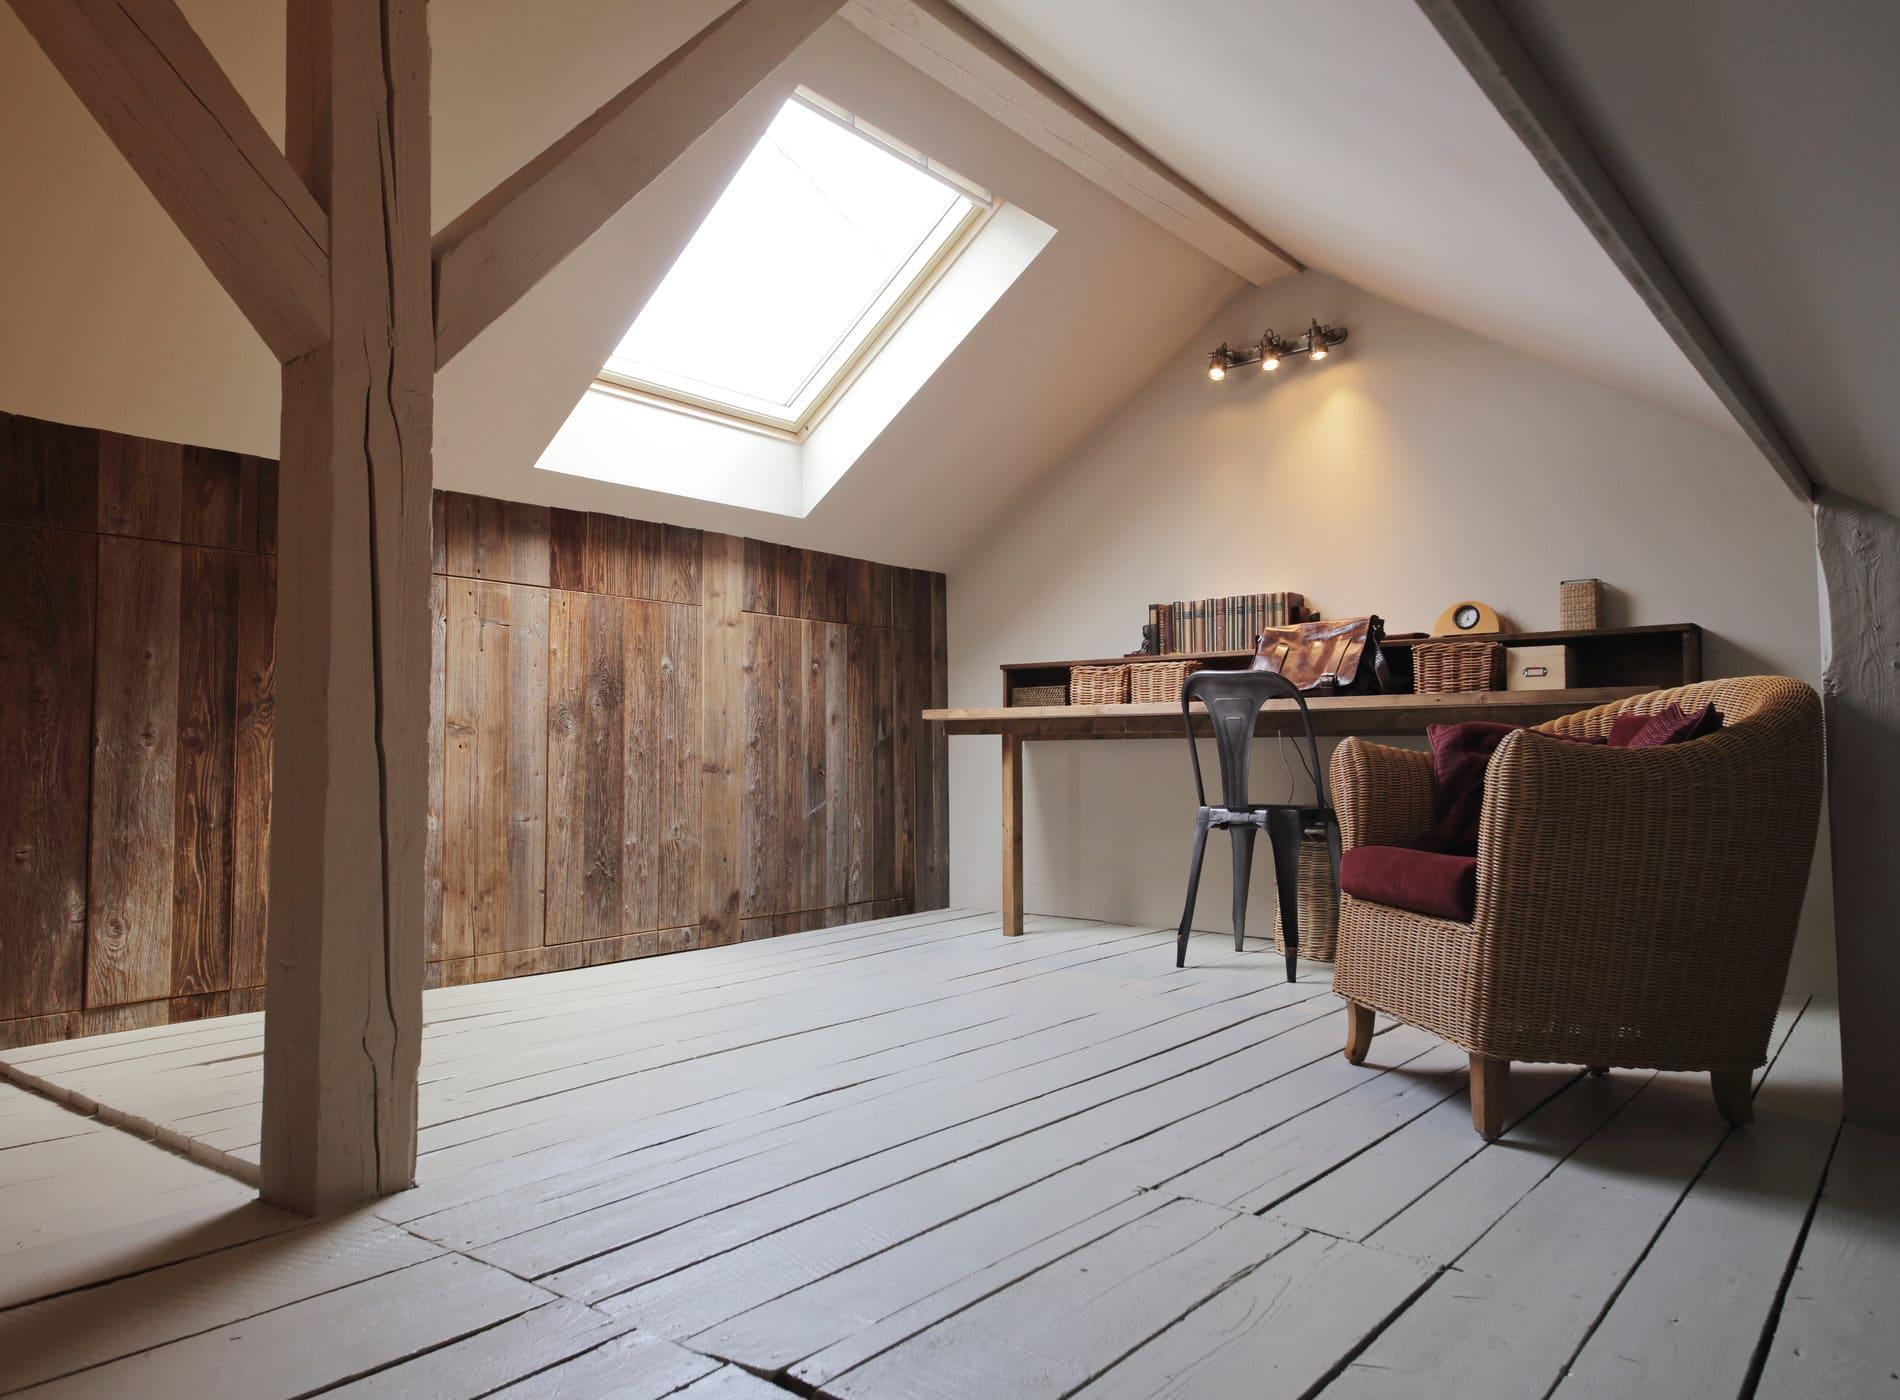 amnagements combles elegant idee amenagement combles petit volume la comb esprit a idee. Black Bedroom Furniture Sets. Home Design Ideas